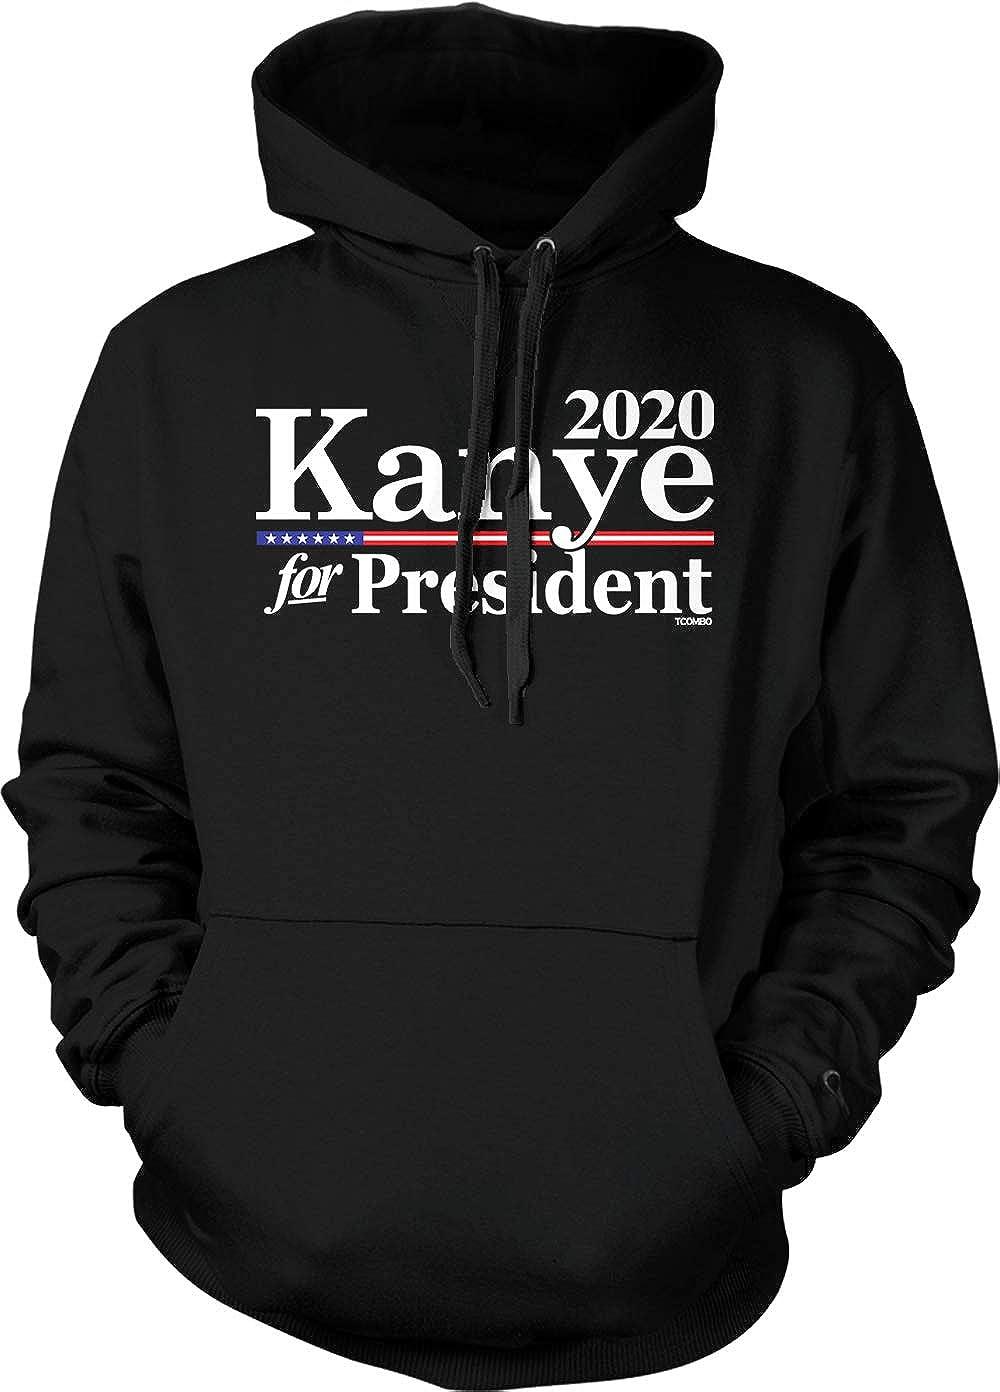 Tcombo Kanye for President 2020 Election Candidate Unisex Crewneck Sweatshirt